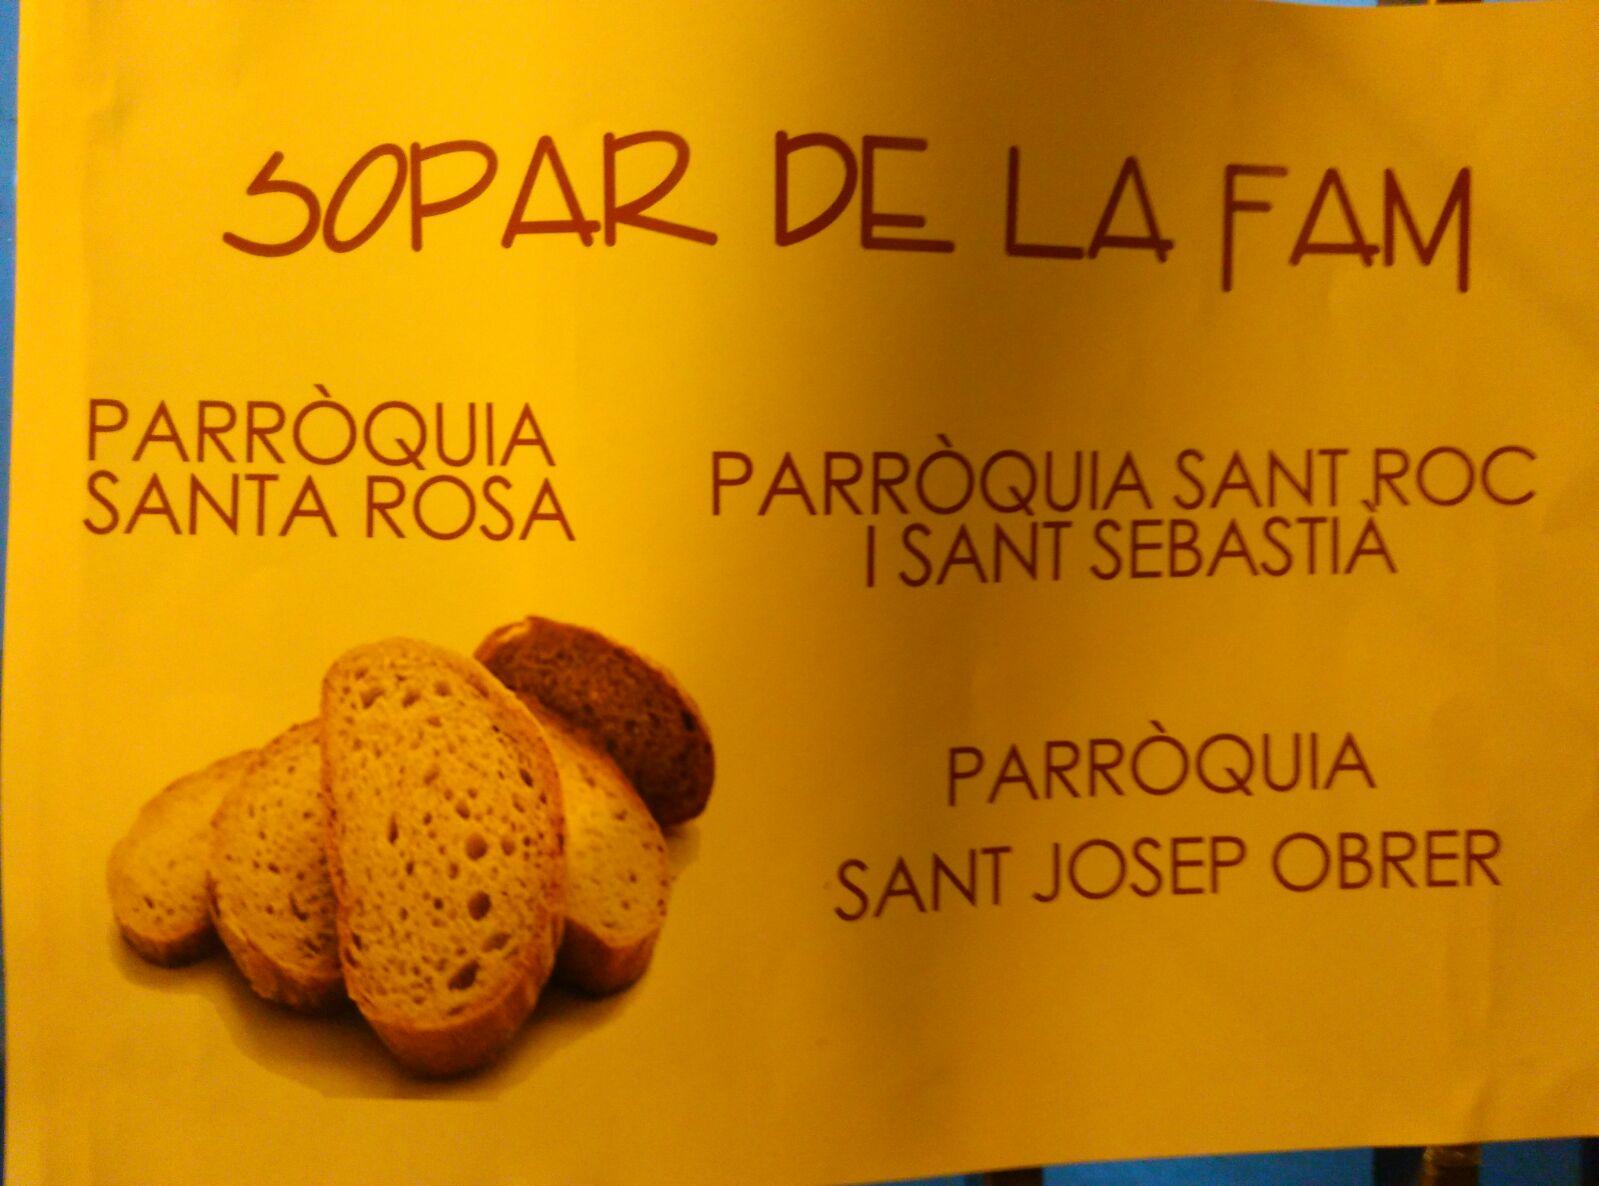 Parroquia Santa Rosa Alcoi Sopar de la fam  4